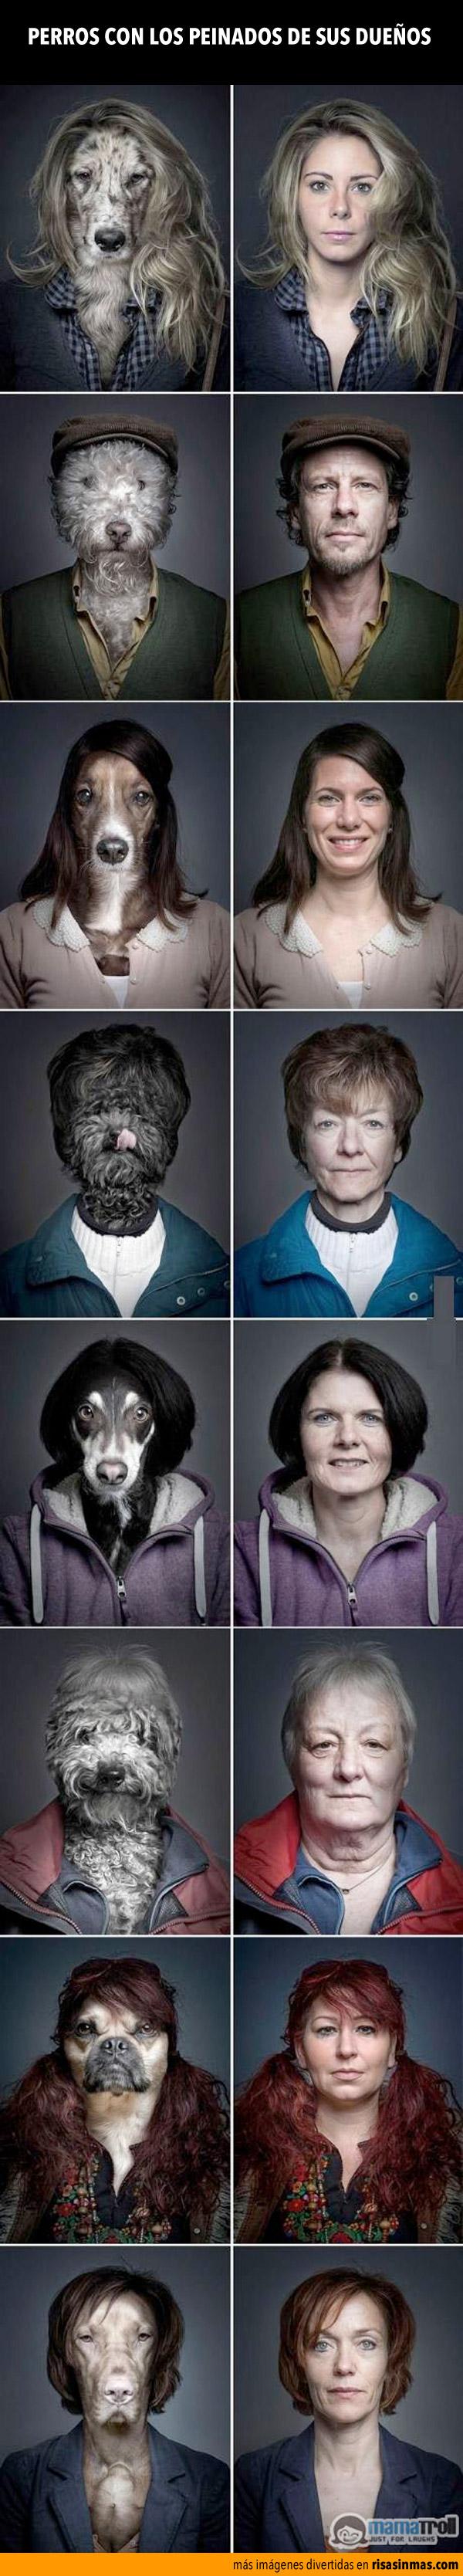 Perros con los peinados de sus dueños